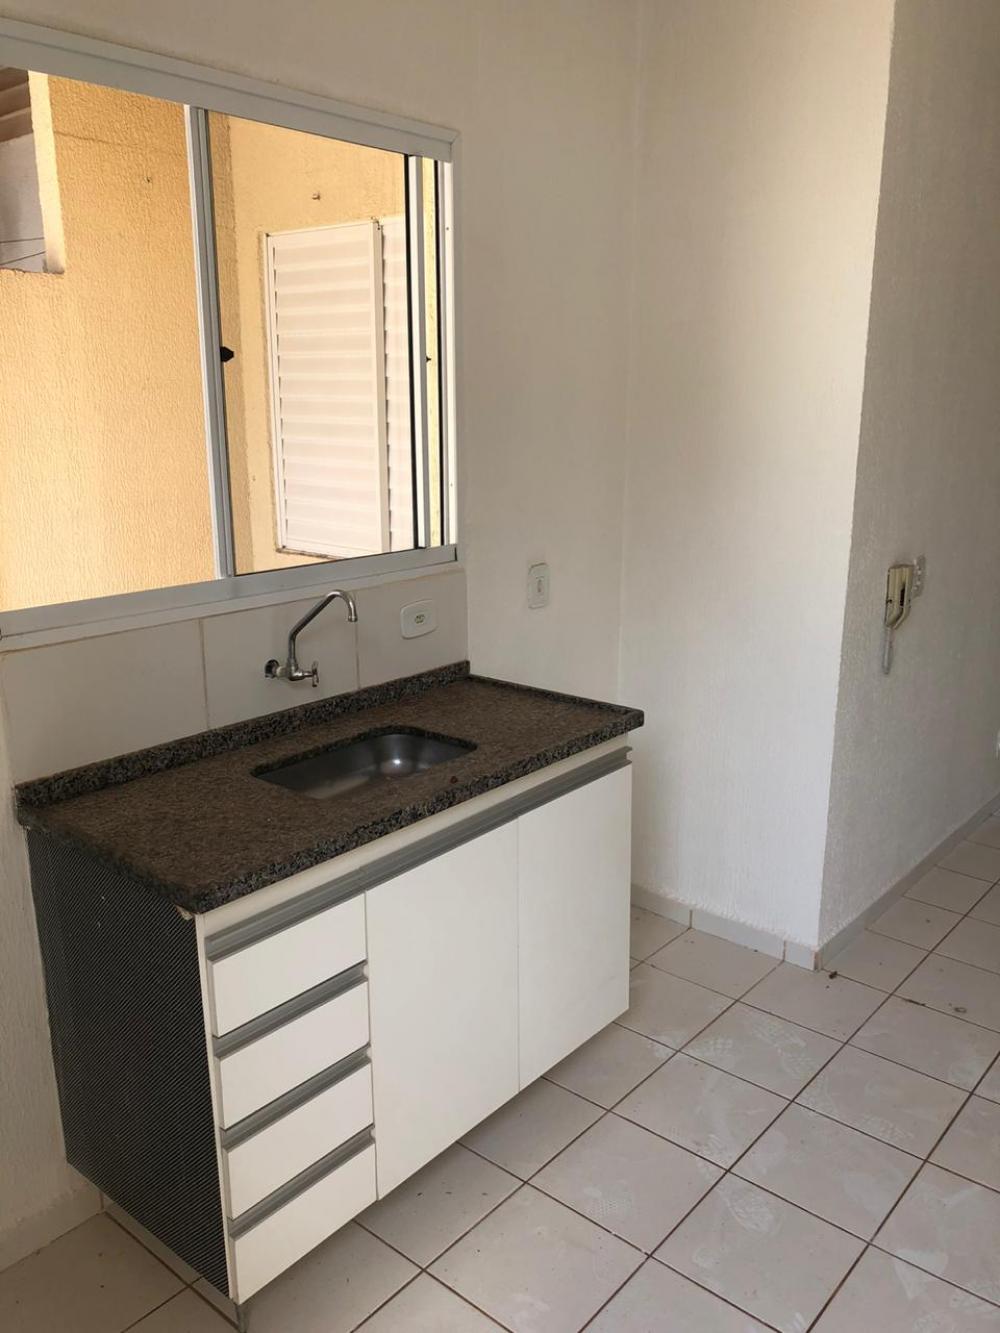 Comprar Casa / Condomínio em São José do Rio Preto apenas R$ 165.000,00 - Foto 7